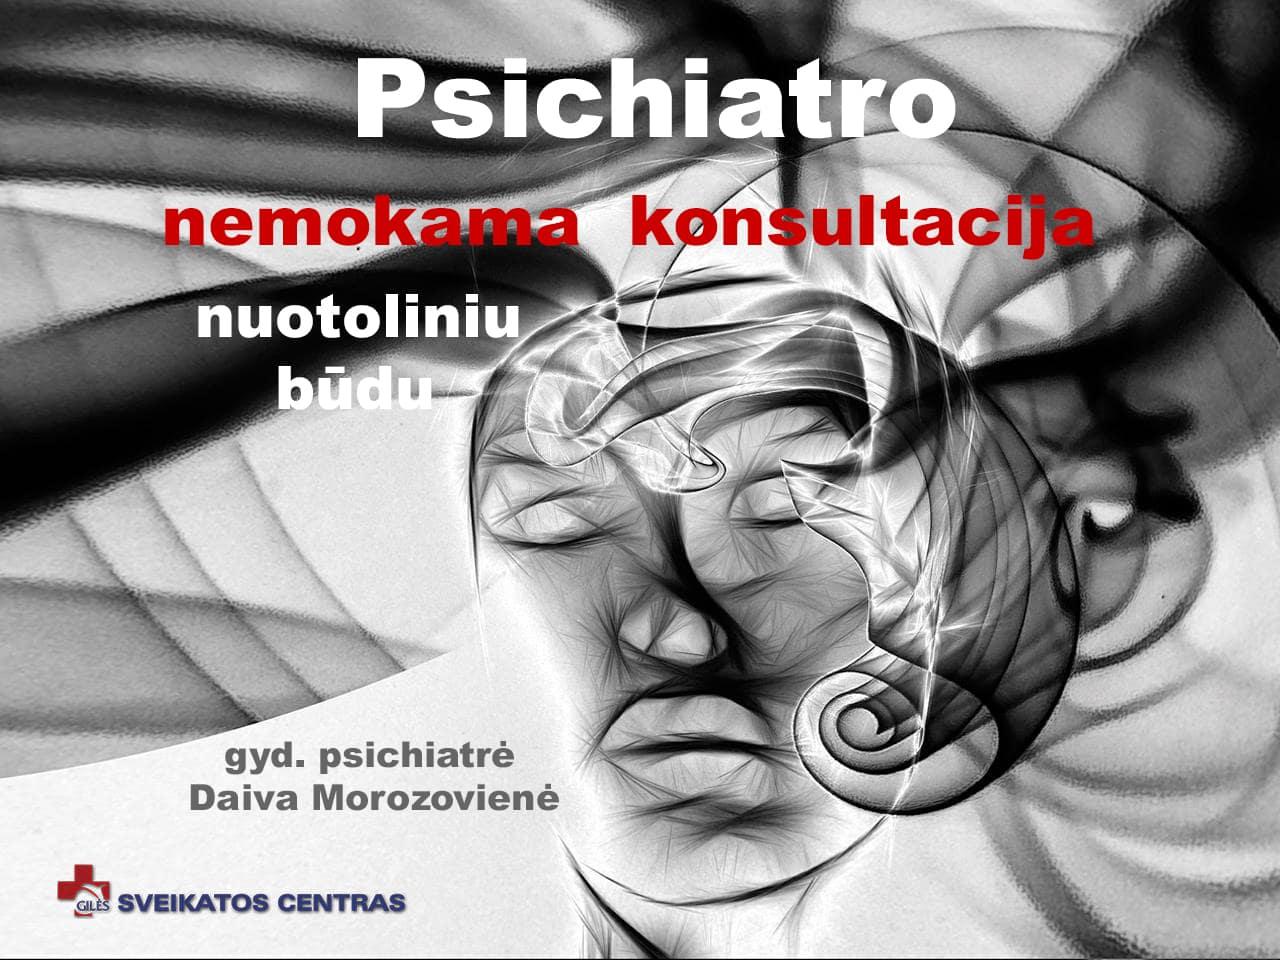 Psichiatro konsultacija NUOTOLINIU būdu